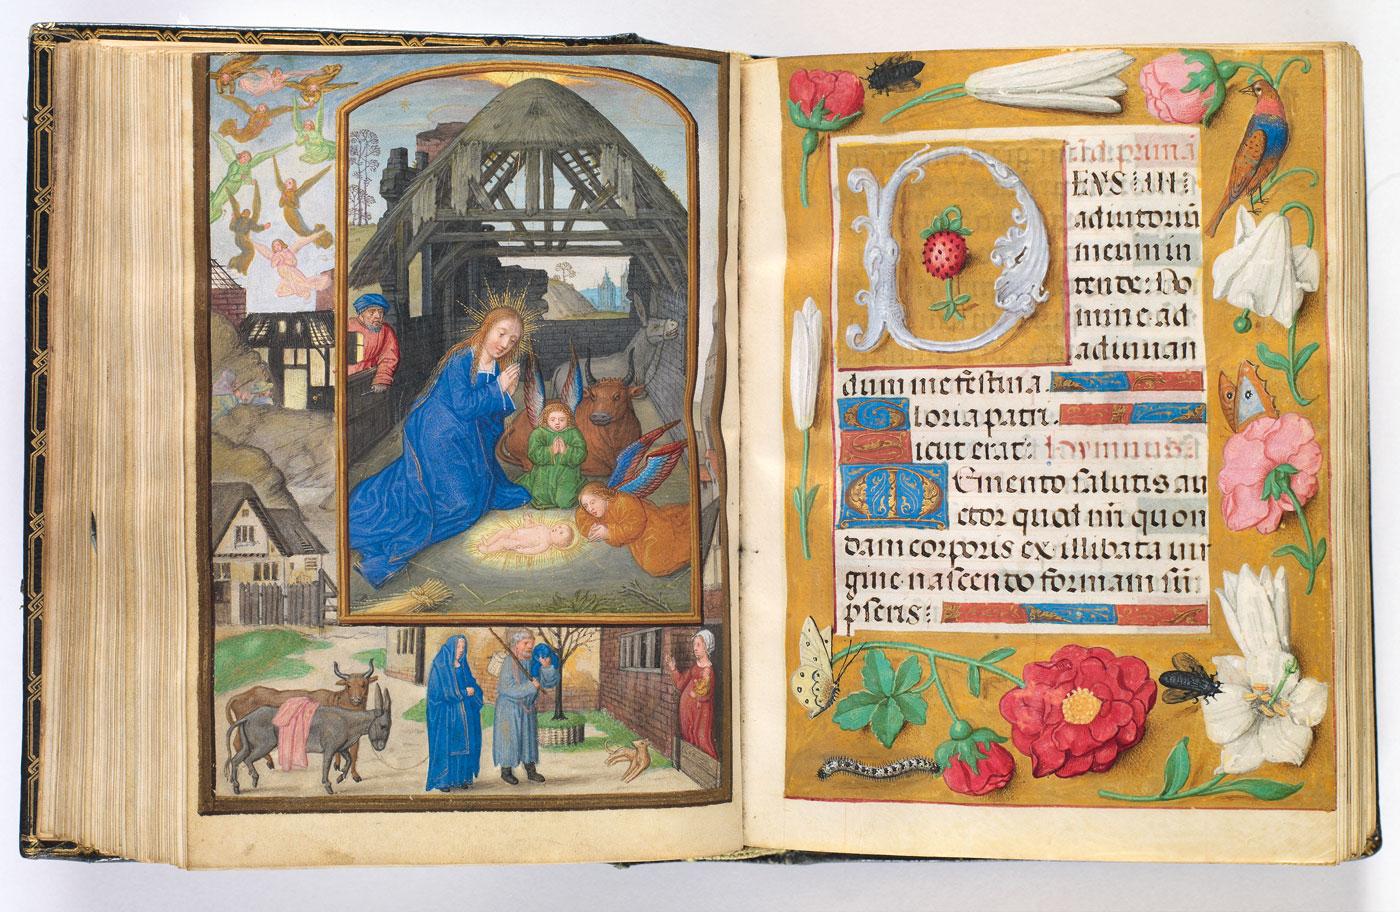 Stundenbuch der Doña Isabel, Simon Bening und Werkstatt, Flandern (Gent?), um 1510-1520, fol. 127v- 128r